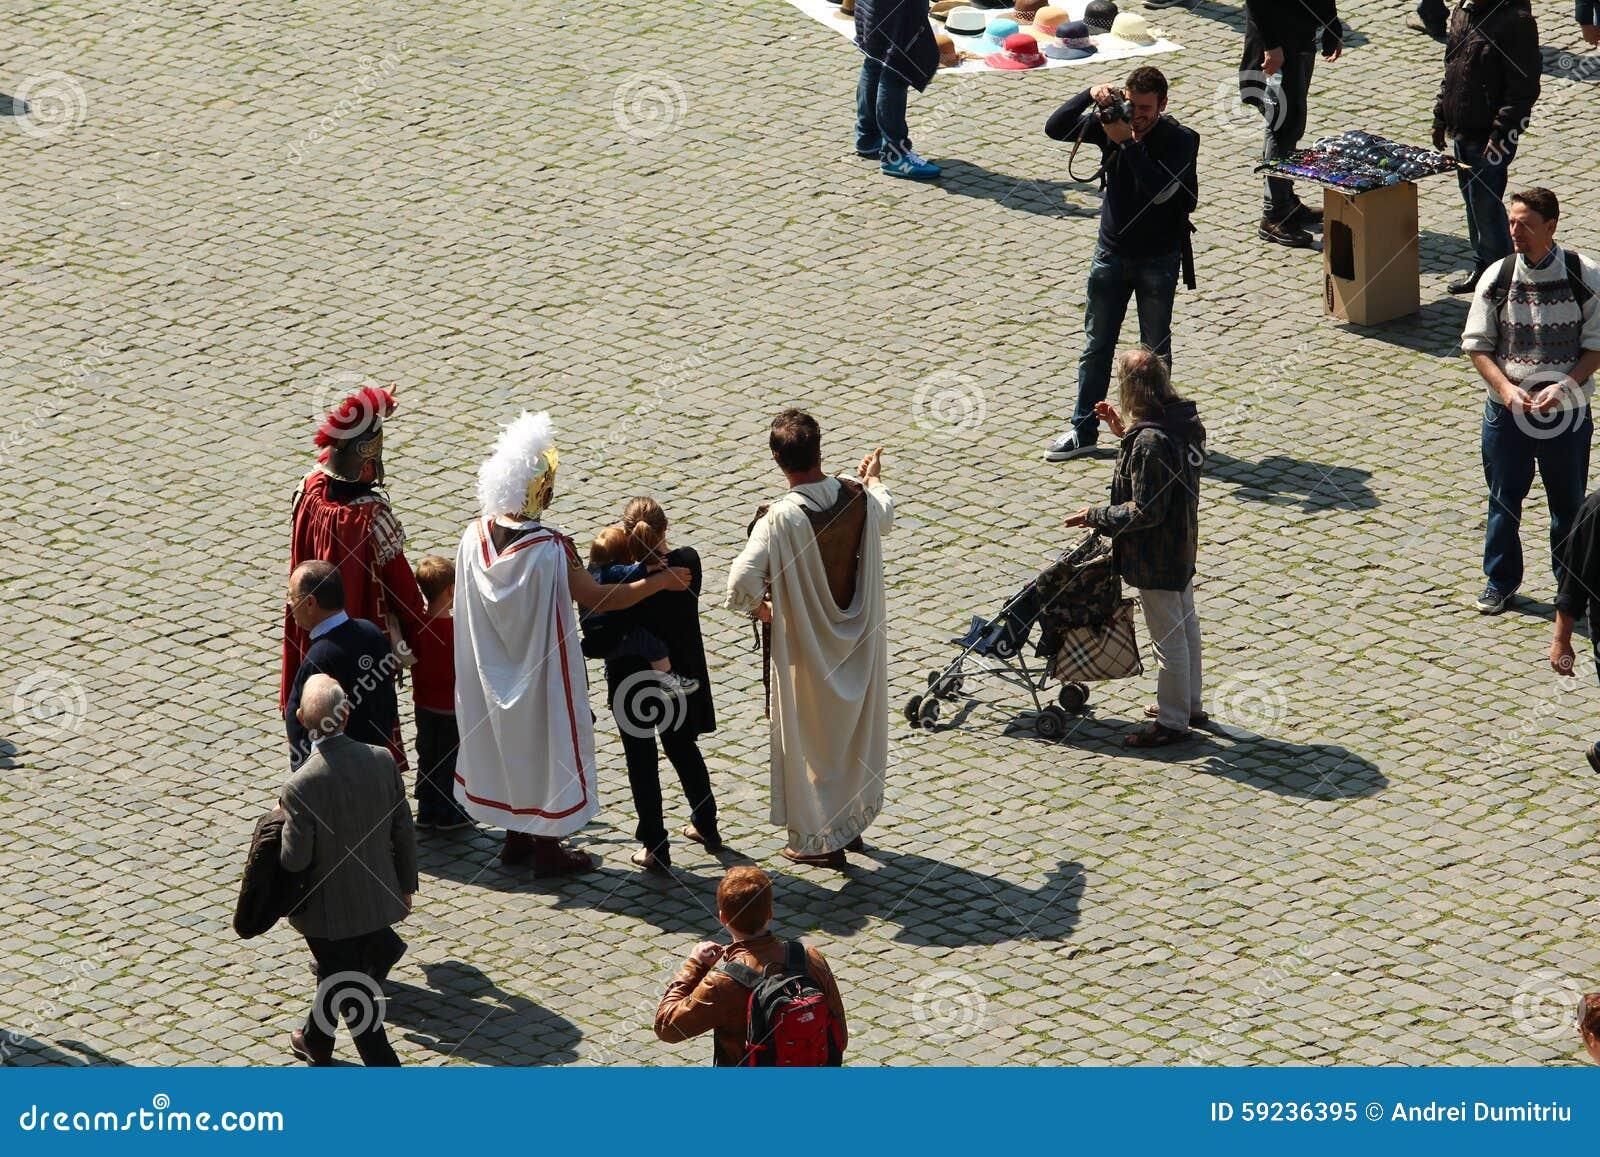 Download Gladiadores modernos imagen editorial. Imagen de atracción - 59236395